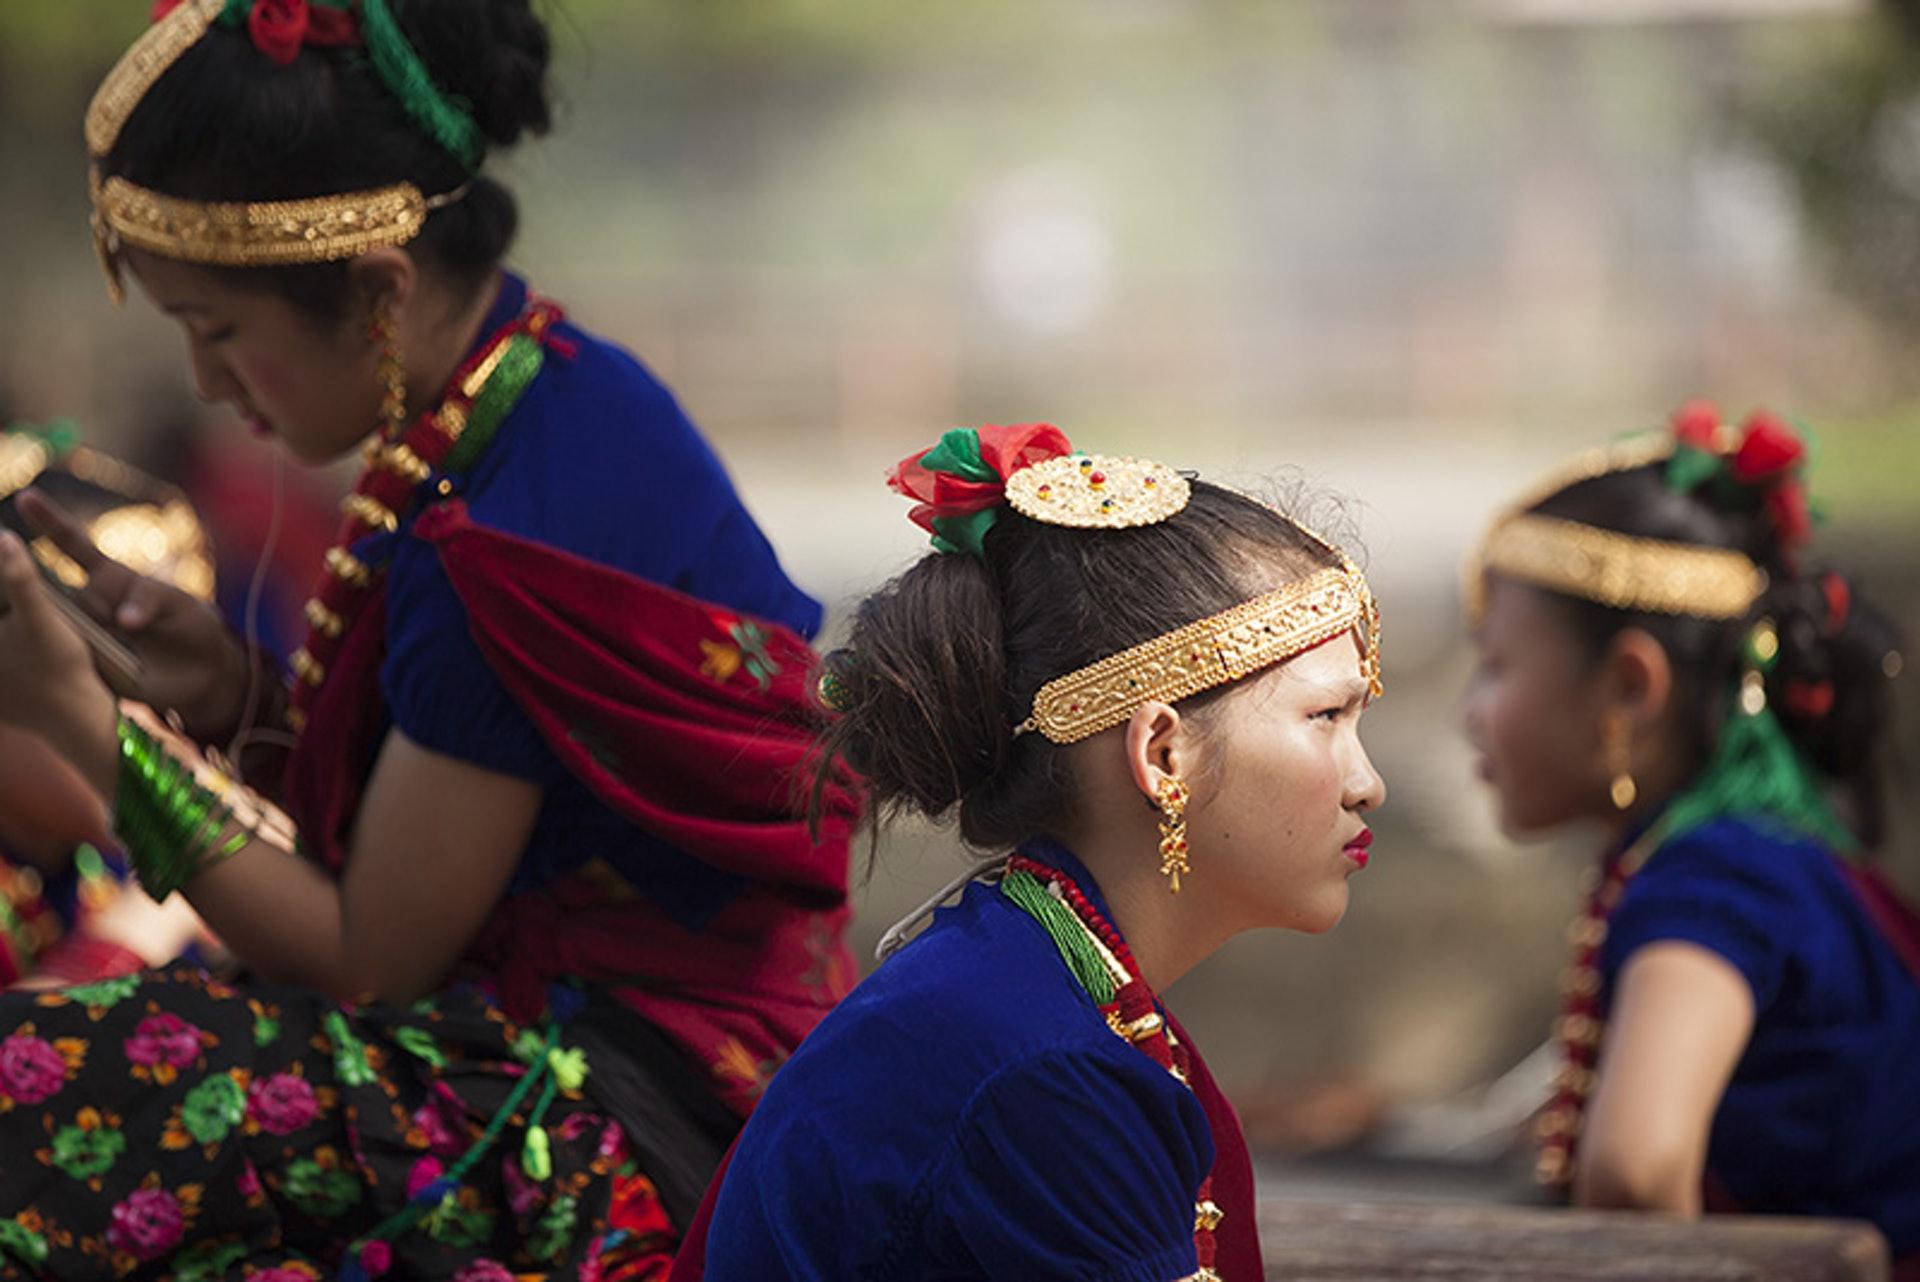 尼泊爾古倫種姓年輕婦女戴著Kantha項鏈和傳統頭飾(攝影師KevinLee李安民提供圖片,版權所有不得轉載)